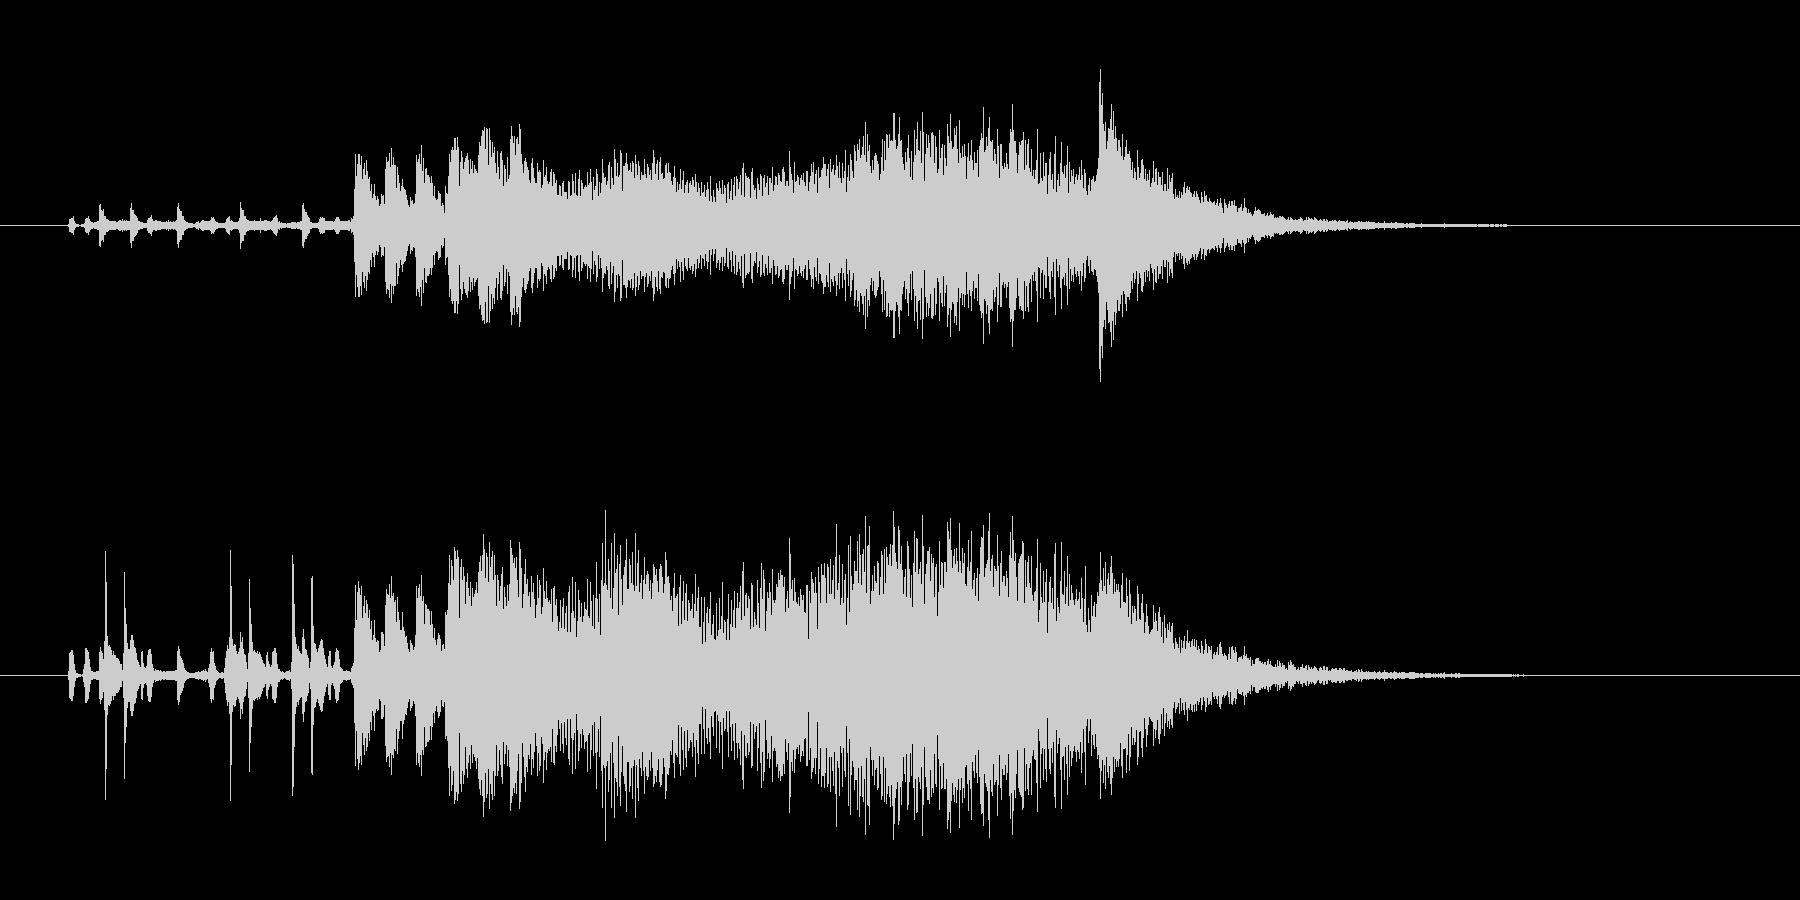 恐怖を演出する楽器の不協和音の未再生の波形